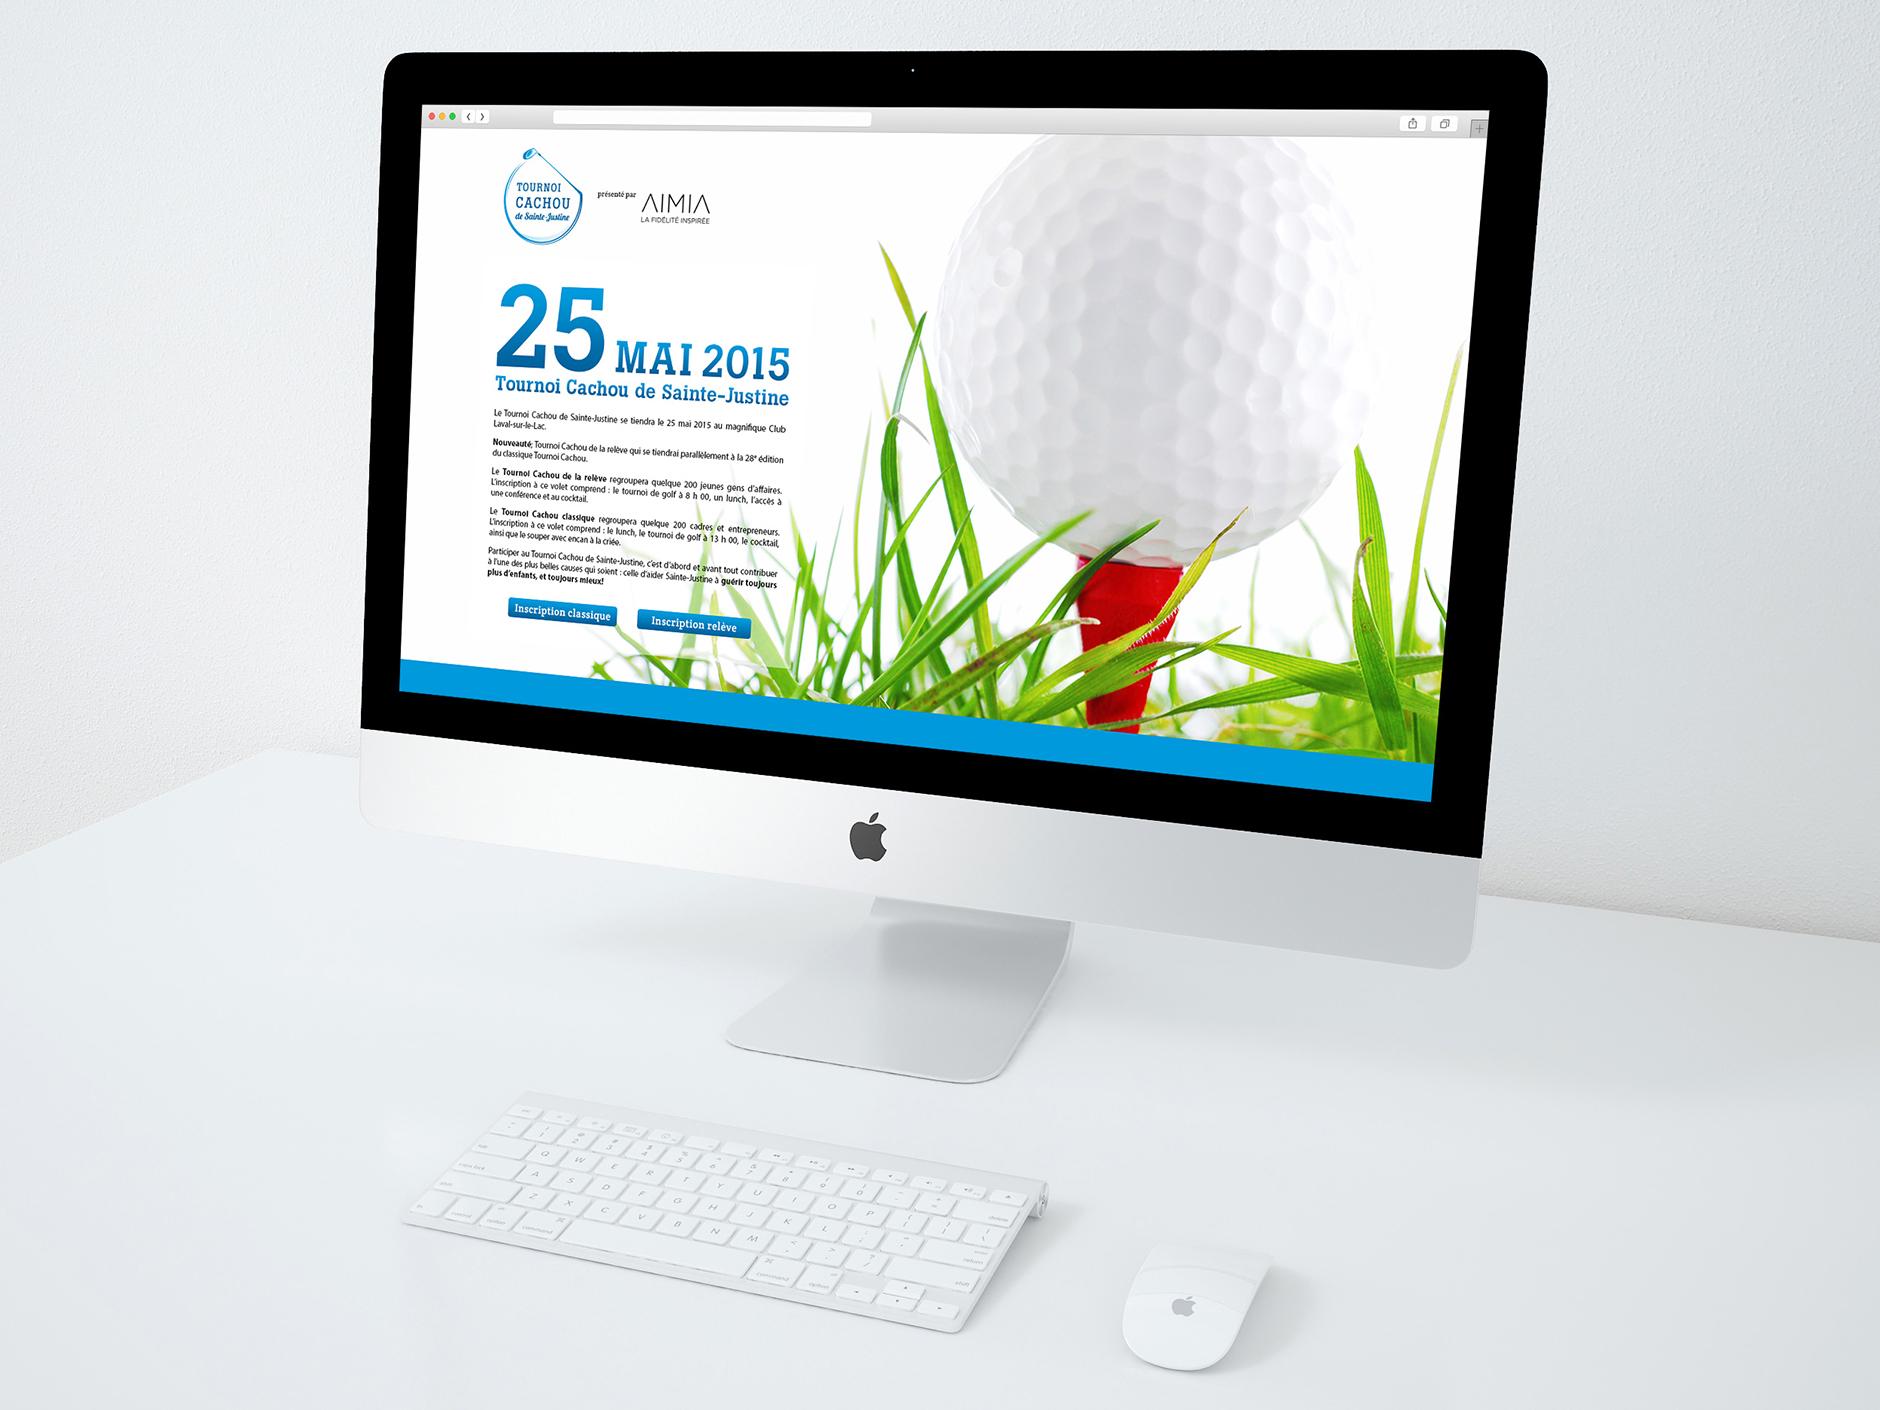 Site web du Tournoi Cachou de Sainte-Justine. Tournoi de golf annuel de la Fondation CHU Sainte-Justine.